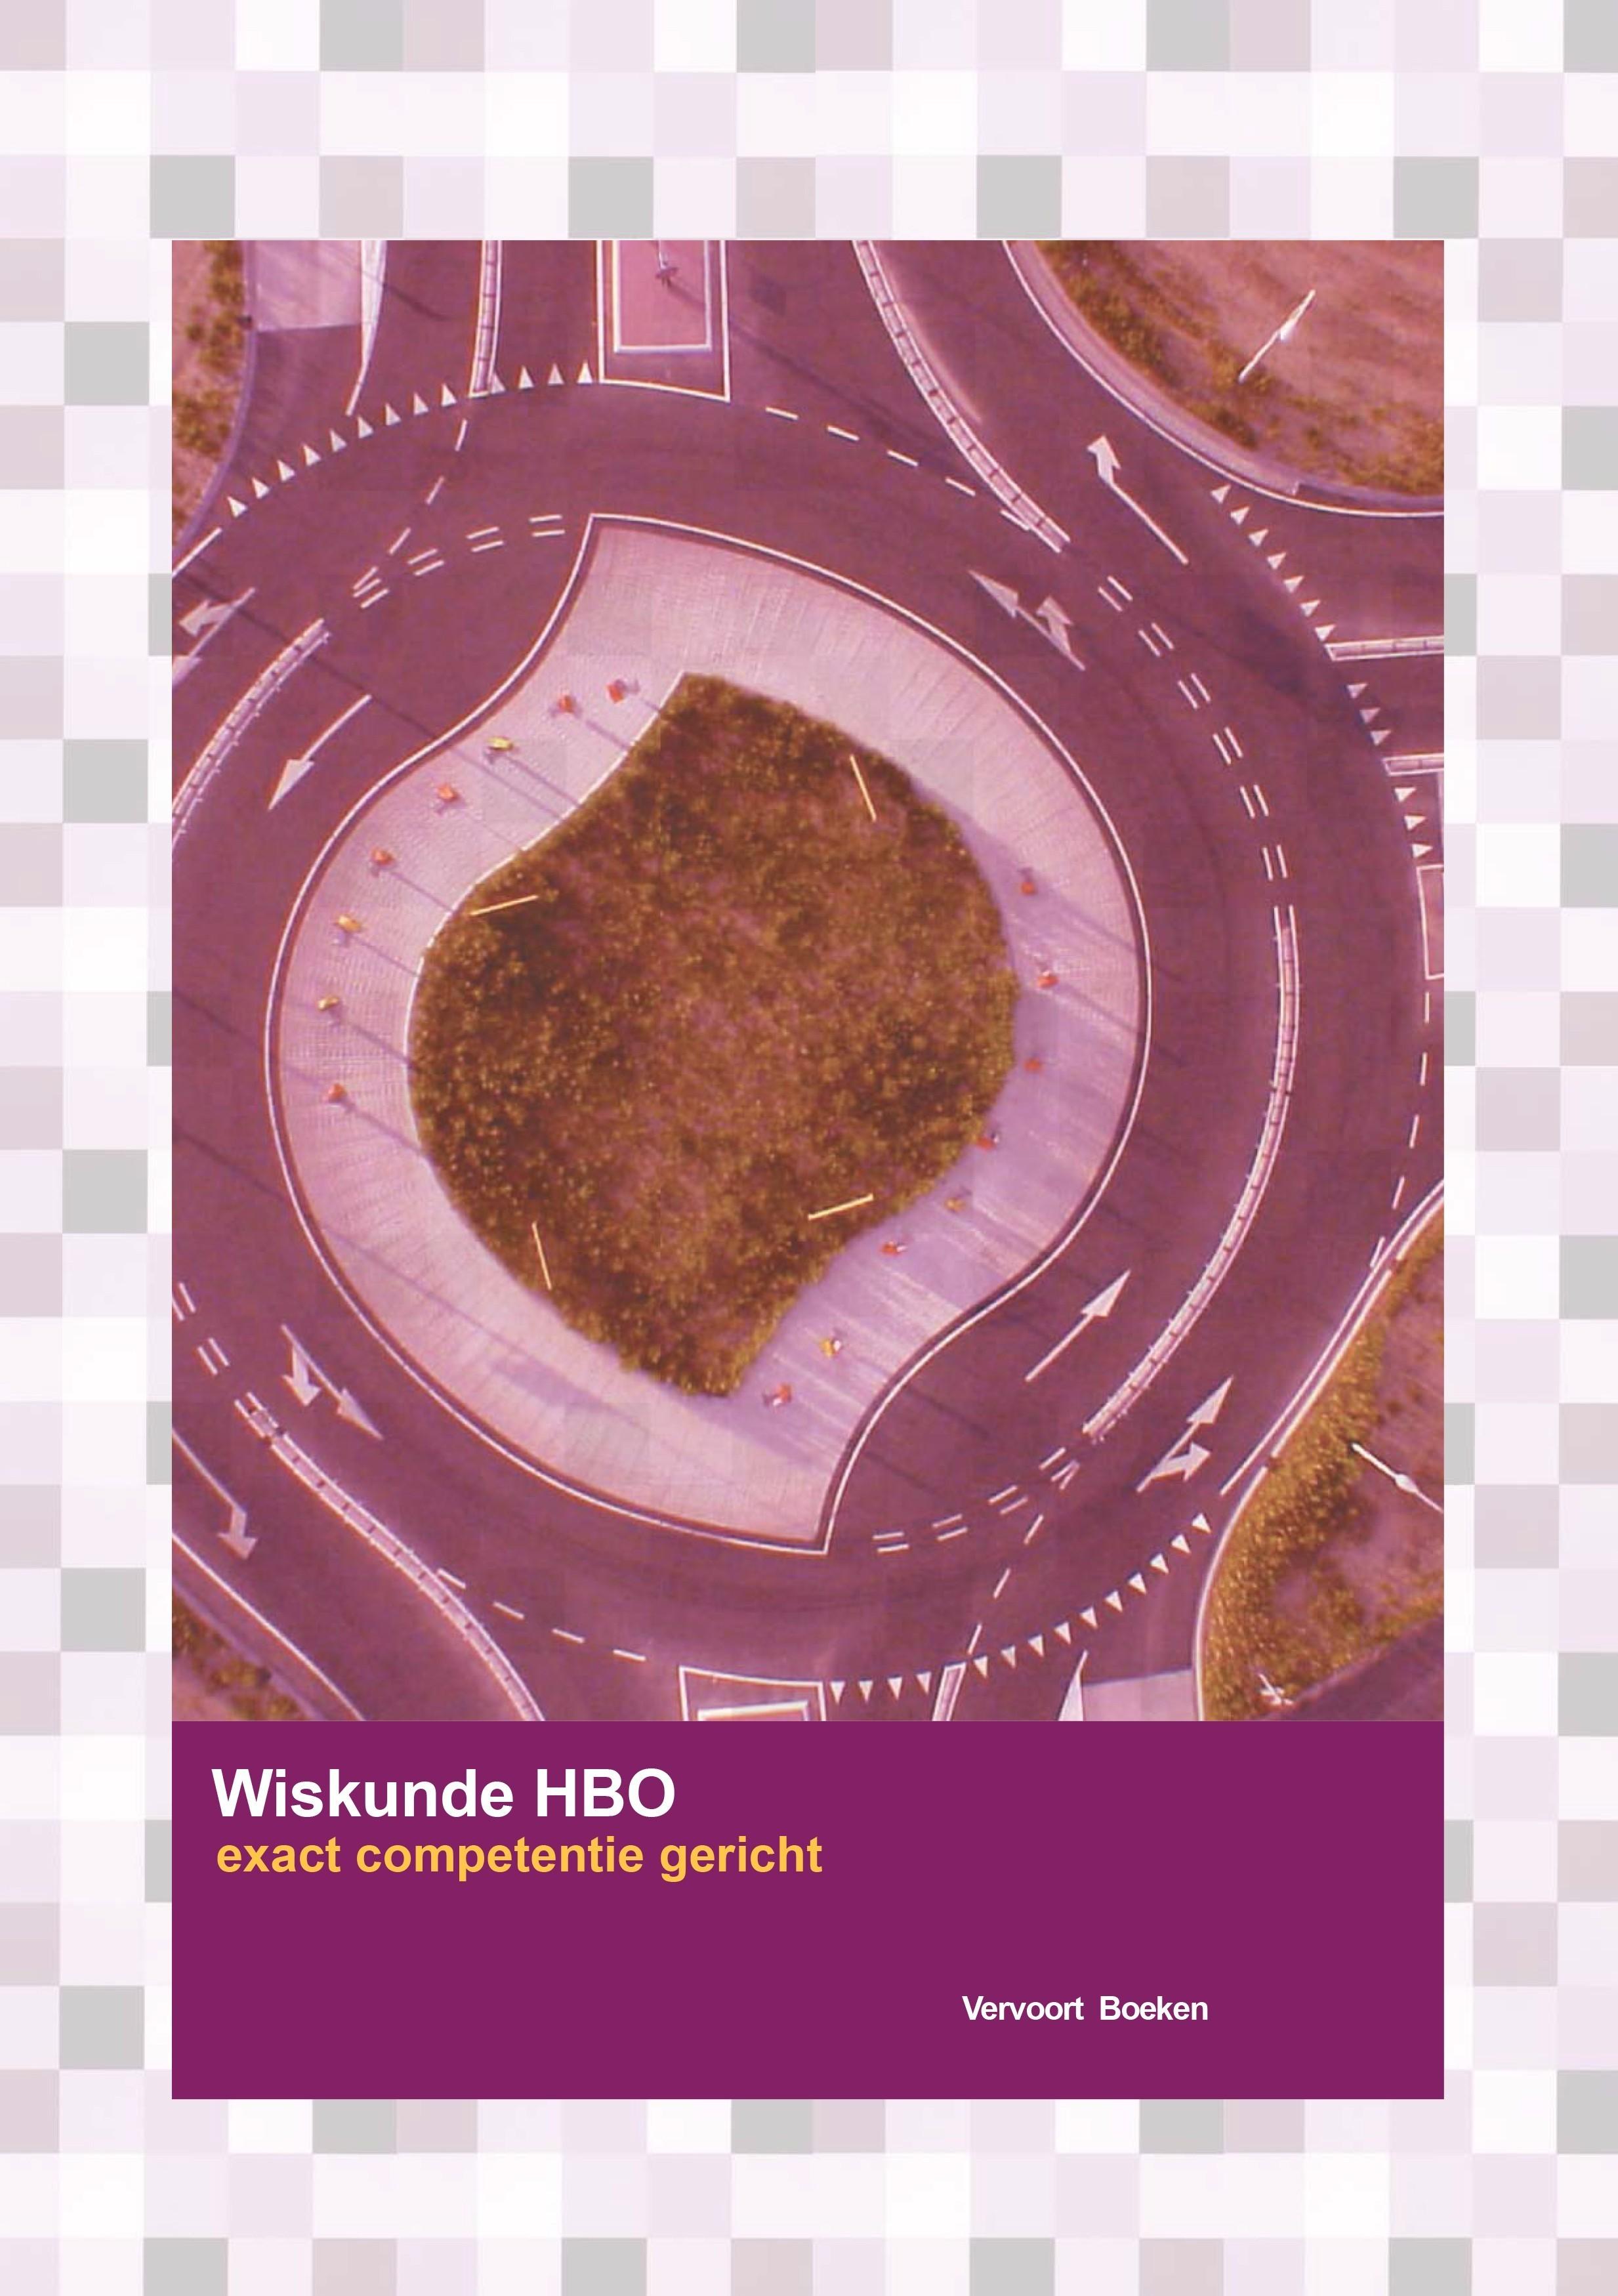 10-11-18 titelpagina 01.indd